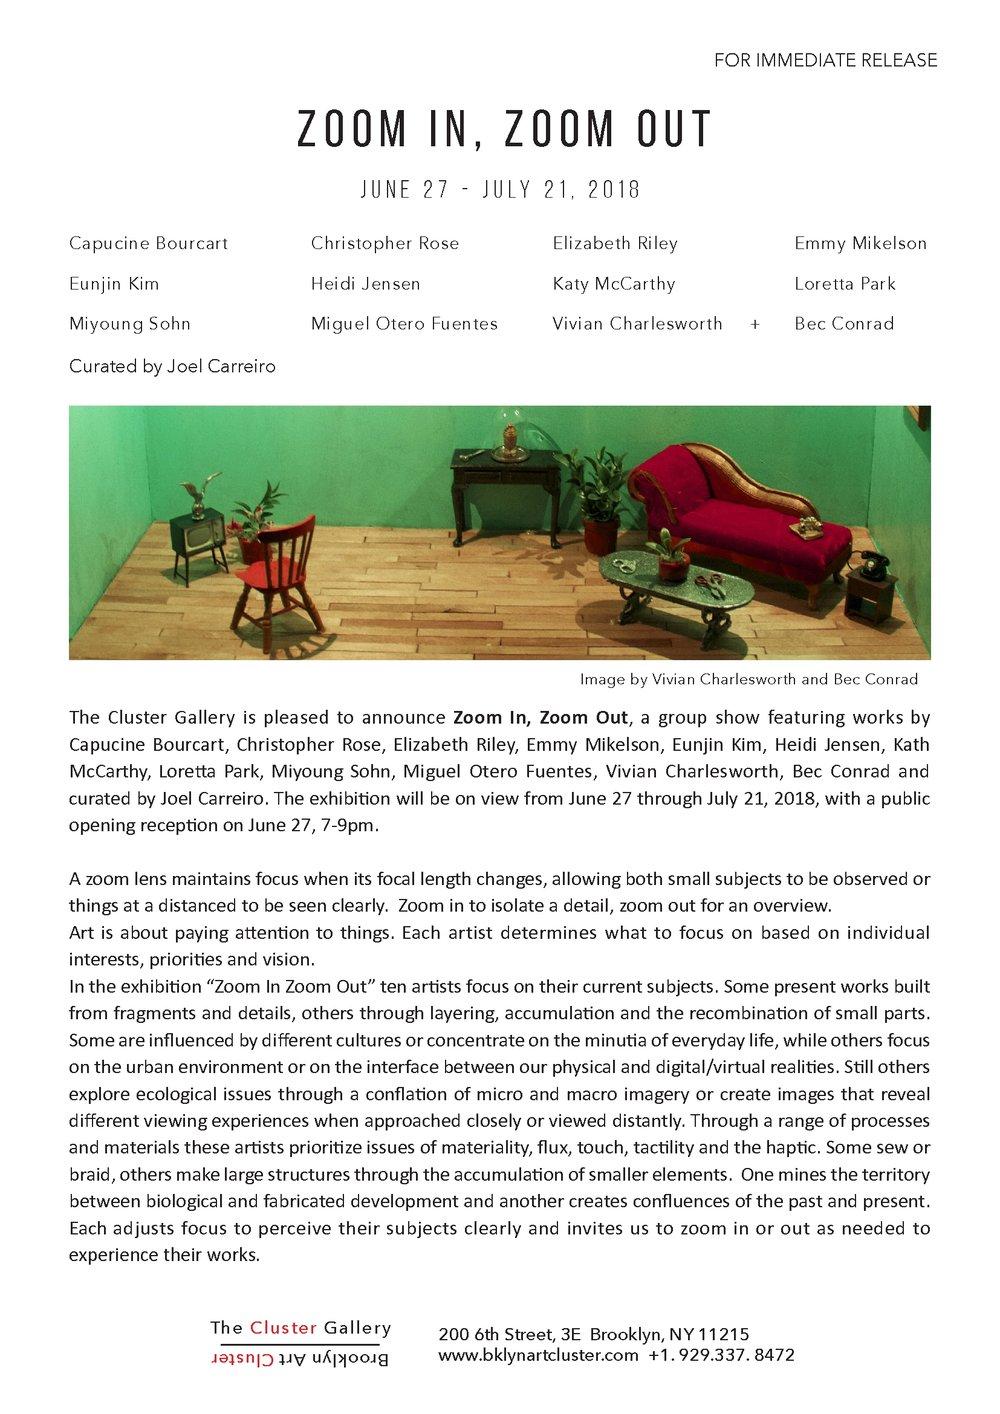 ZIZO+Press+Release.jpg